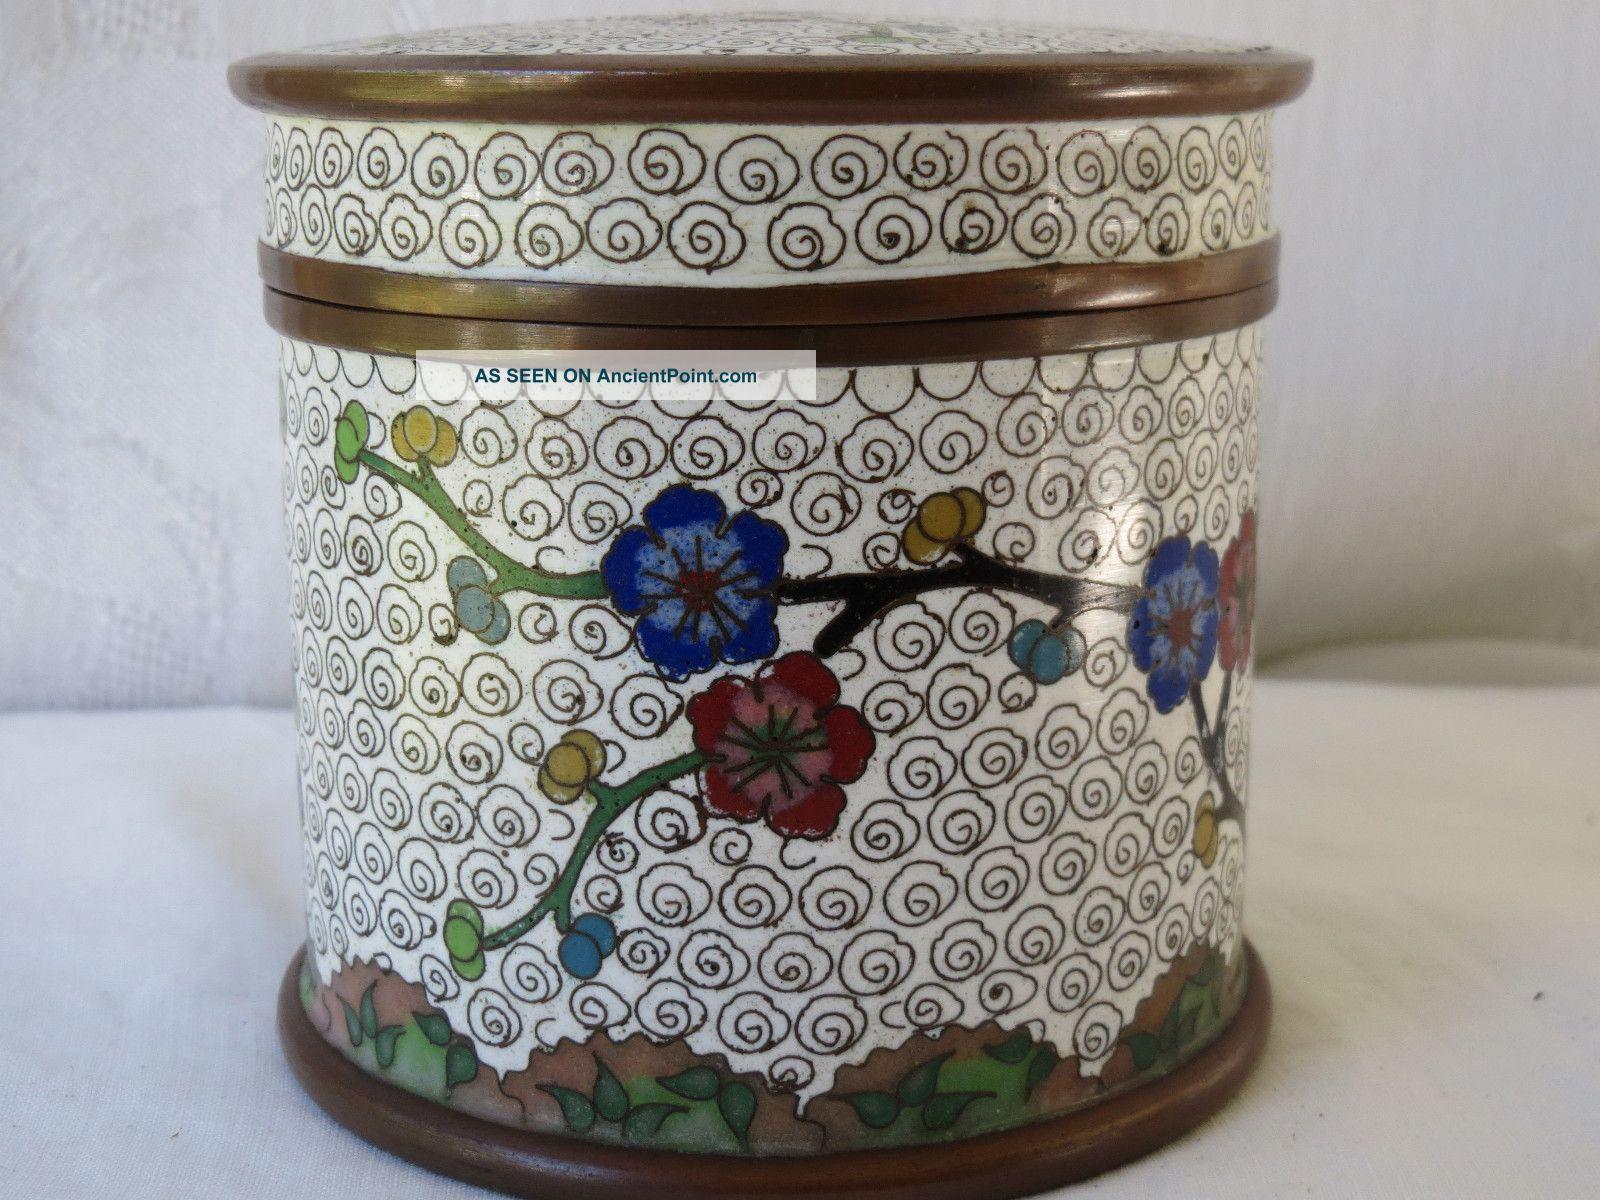 Antique Chinese Cloisonne Enamel Copper Design Flowers Box Boxes photo